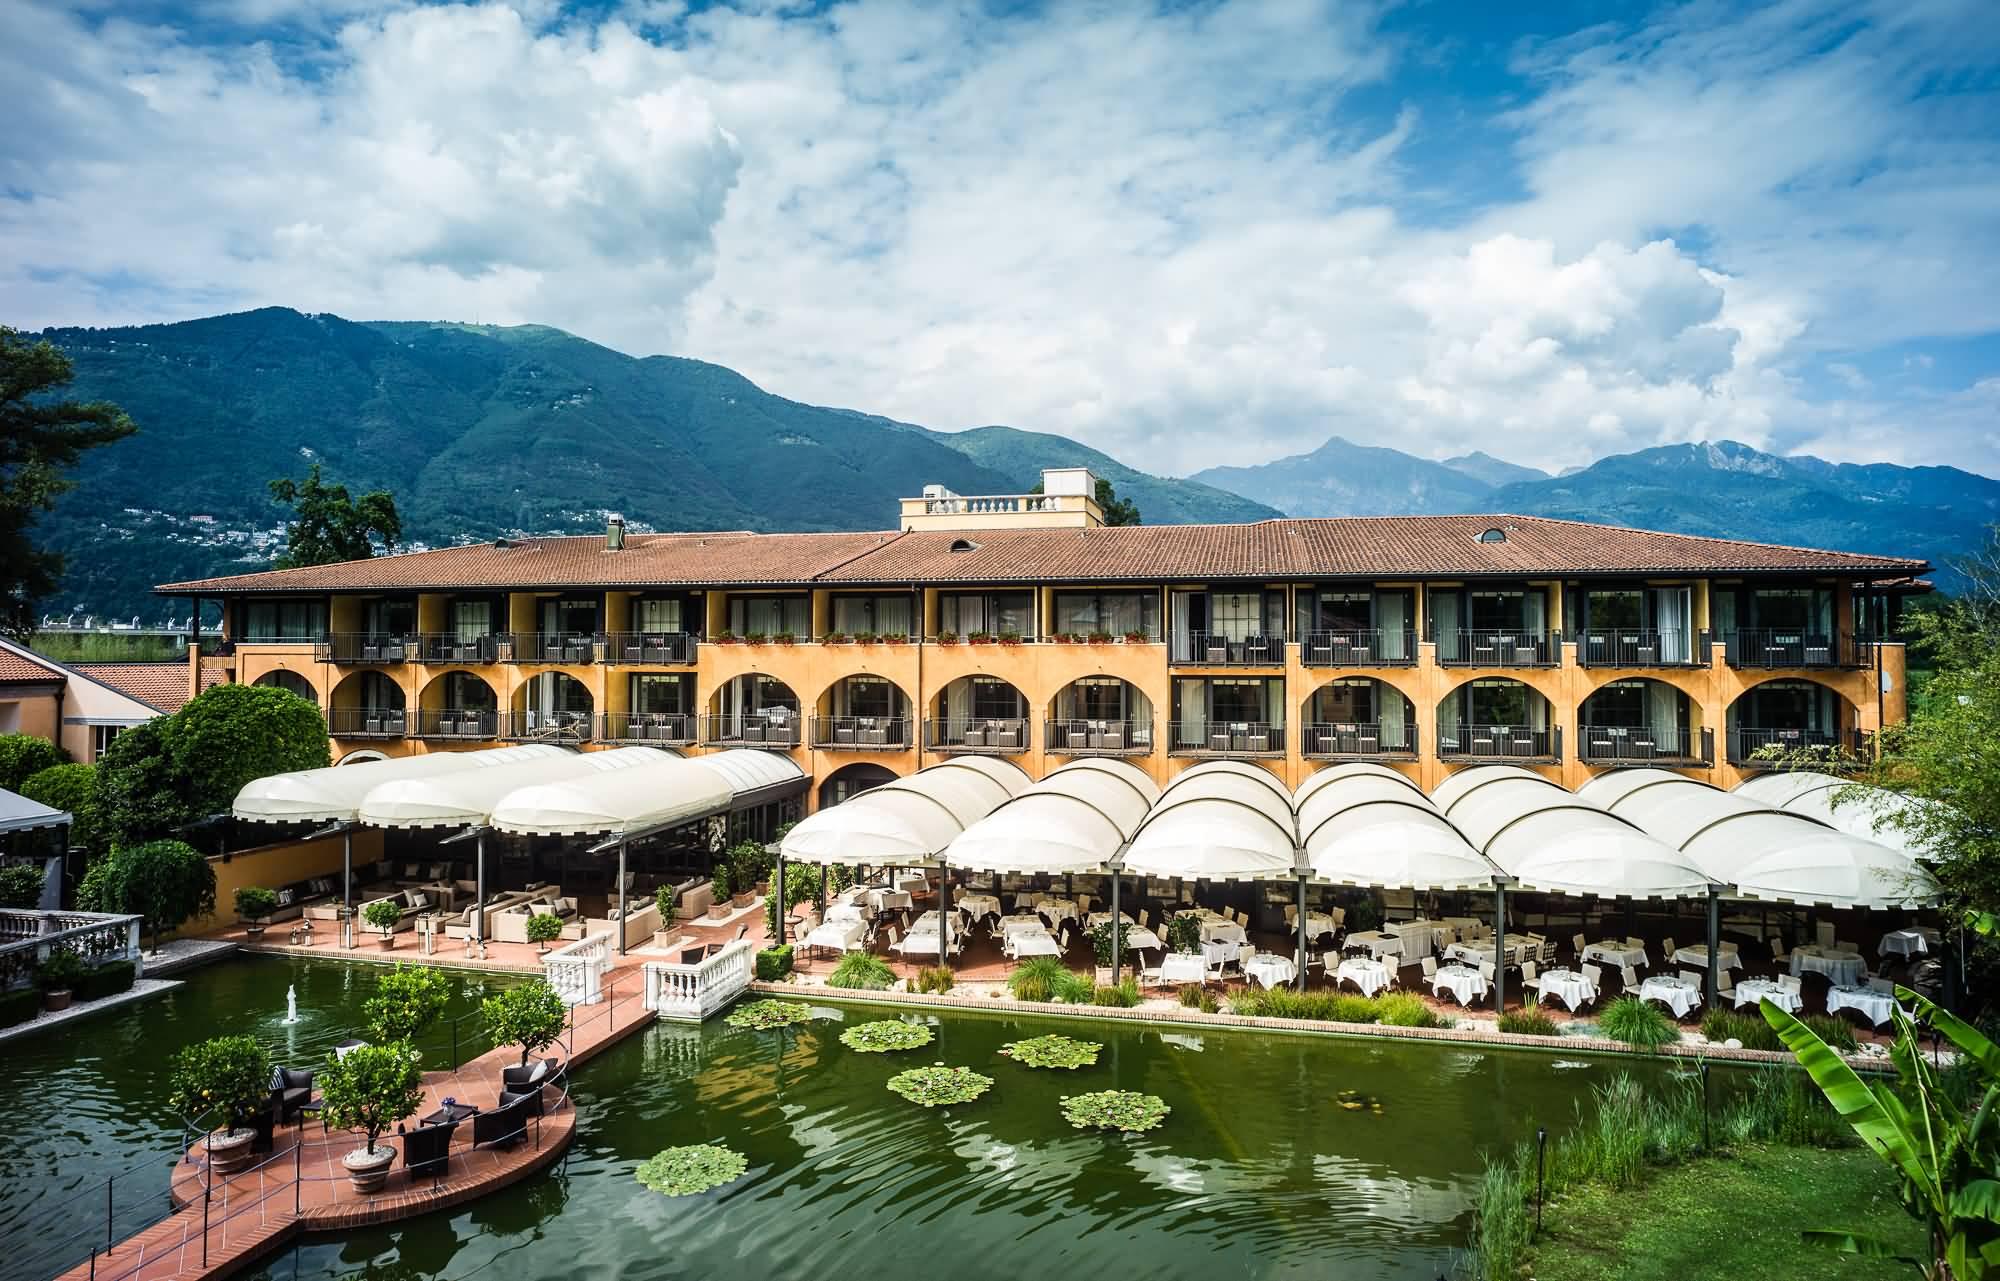 فندق جياردينو أسكونا يطلق علاجات الأيوفيردا في سويسرا